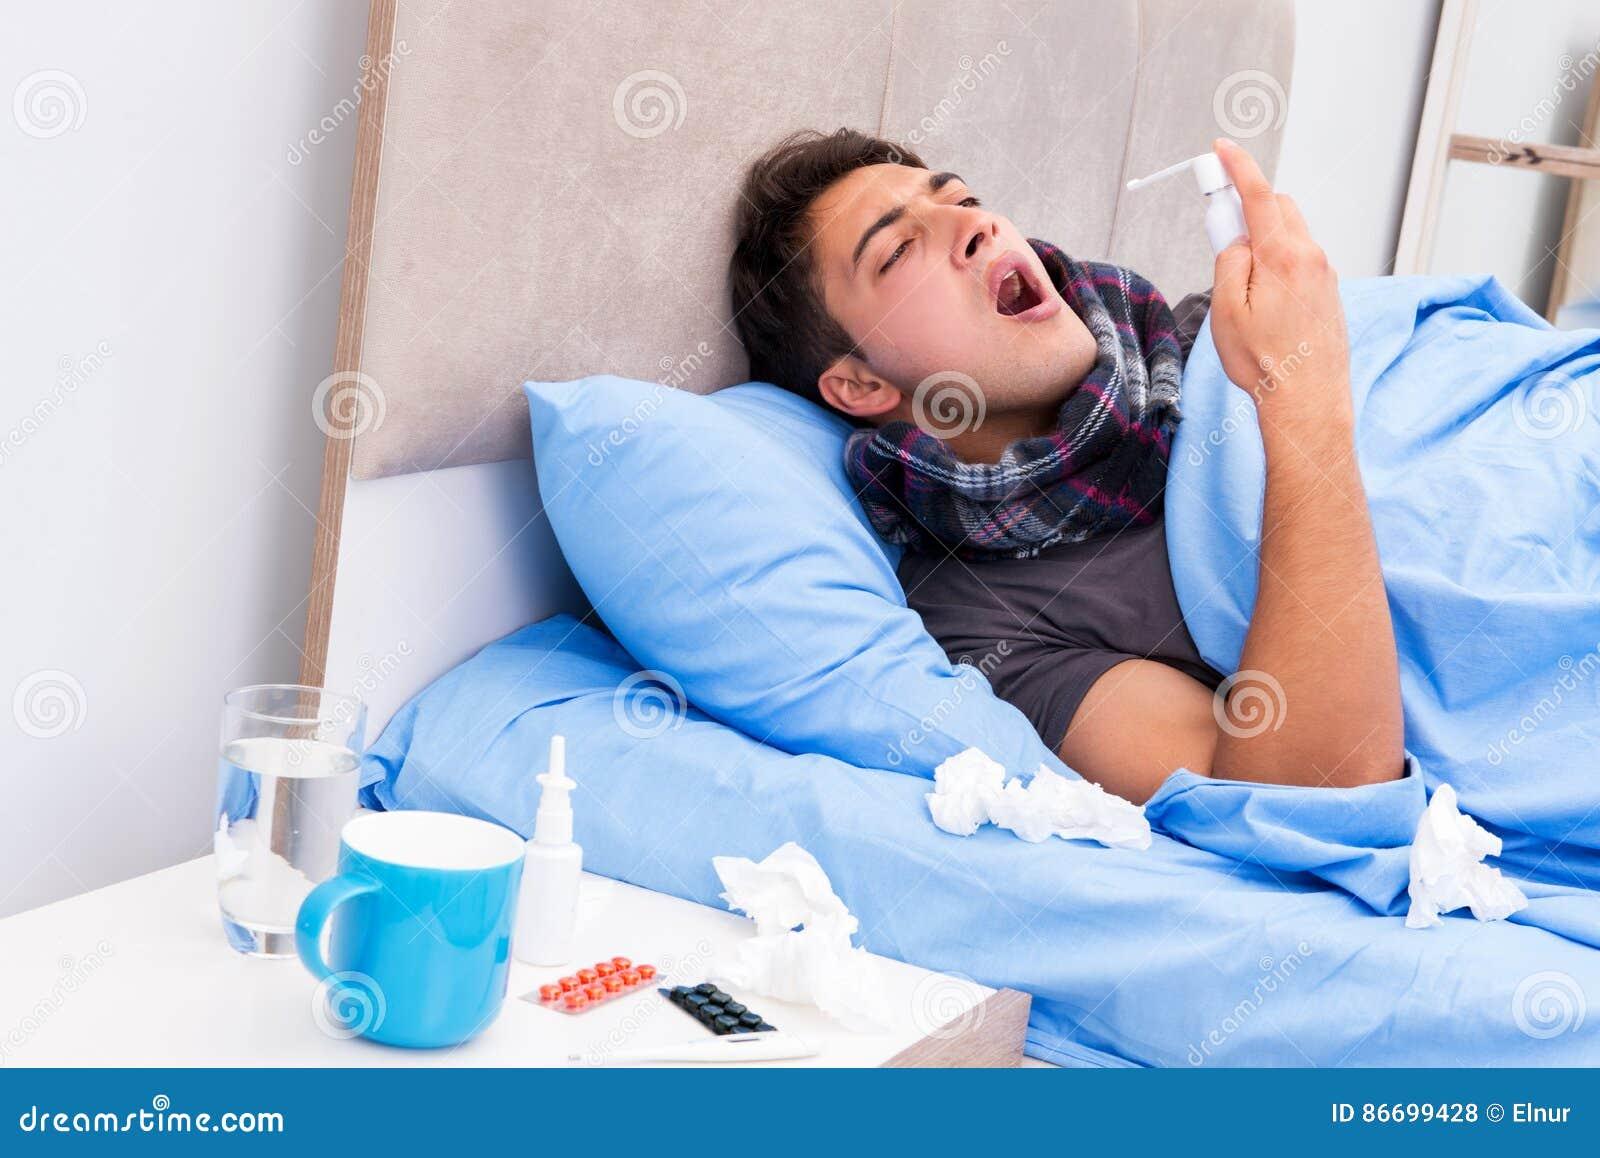 L 39 uomo malato con influenza che si trova nel letto fotografia stock immagine di lifestyle - Letto che si chiude ...